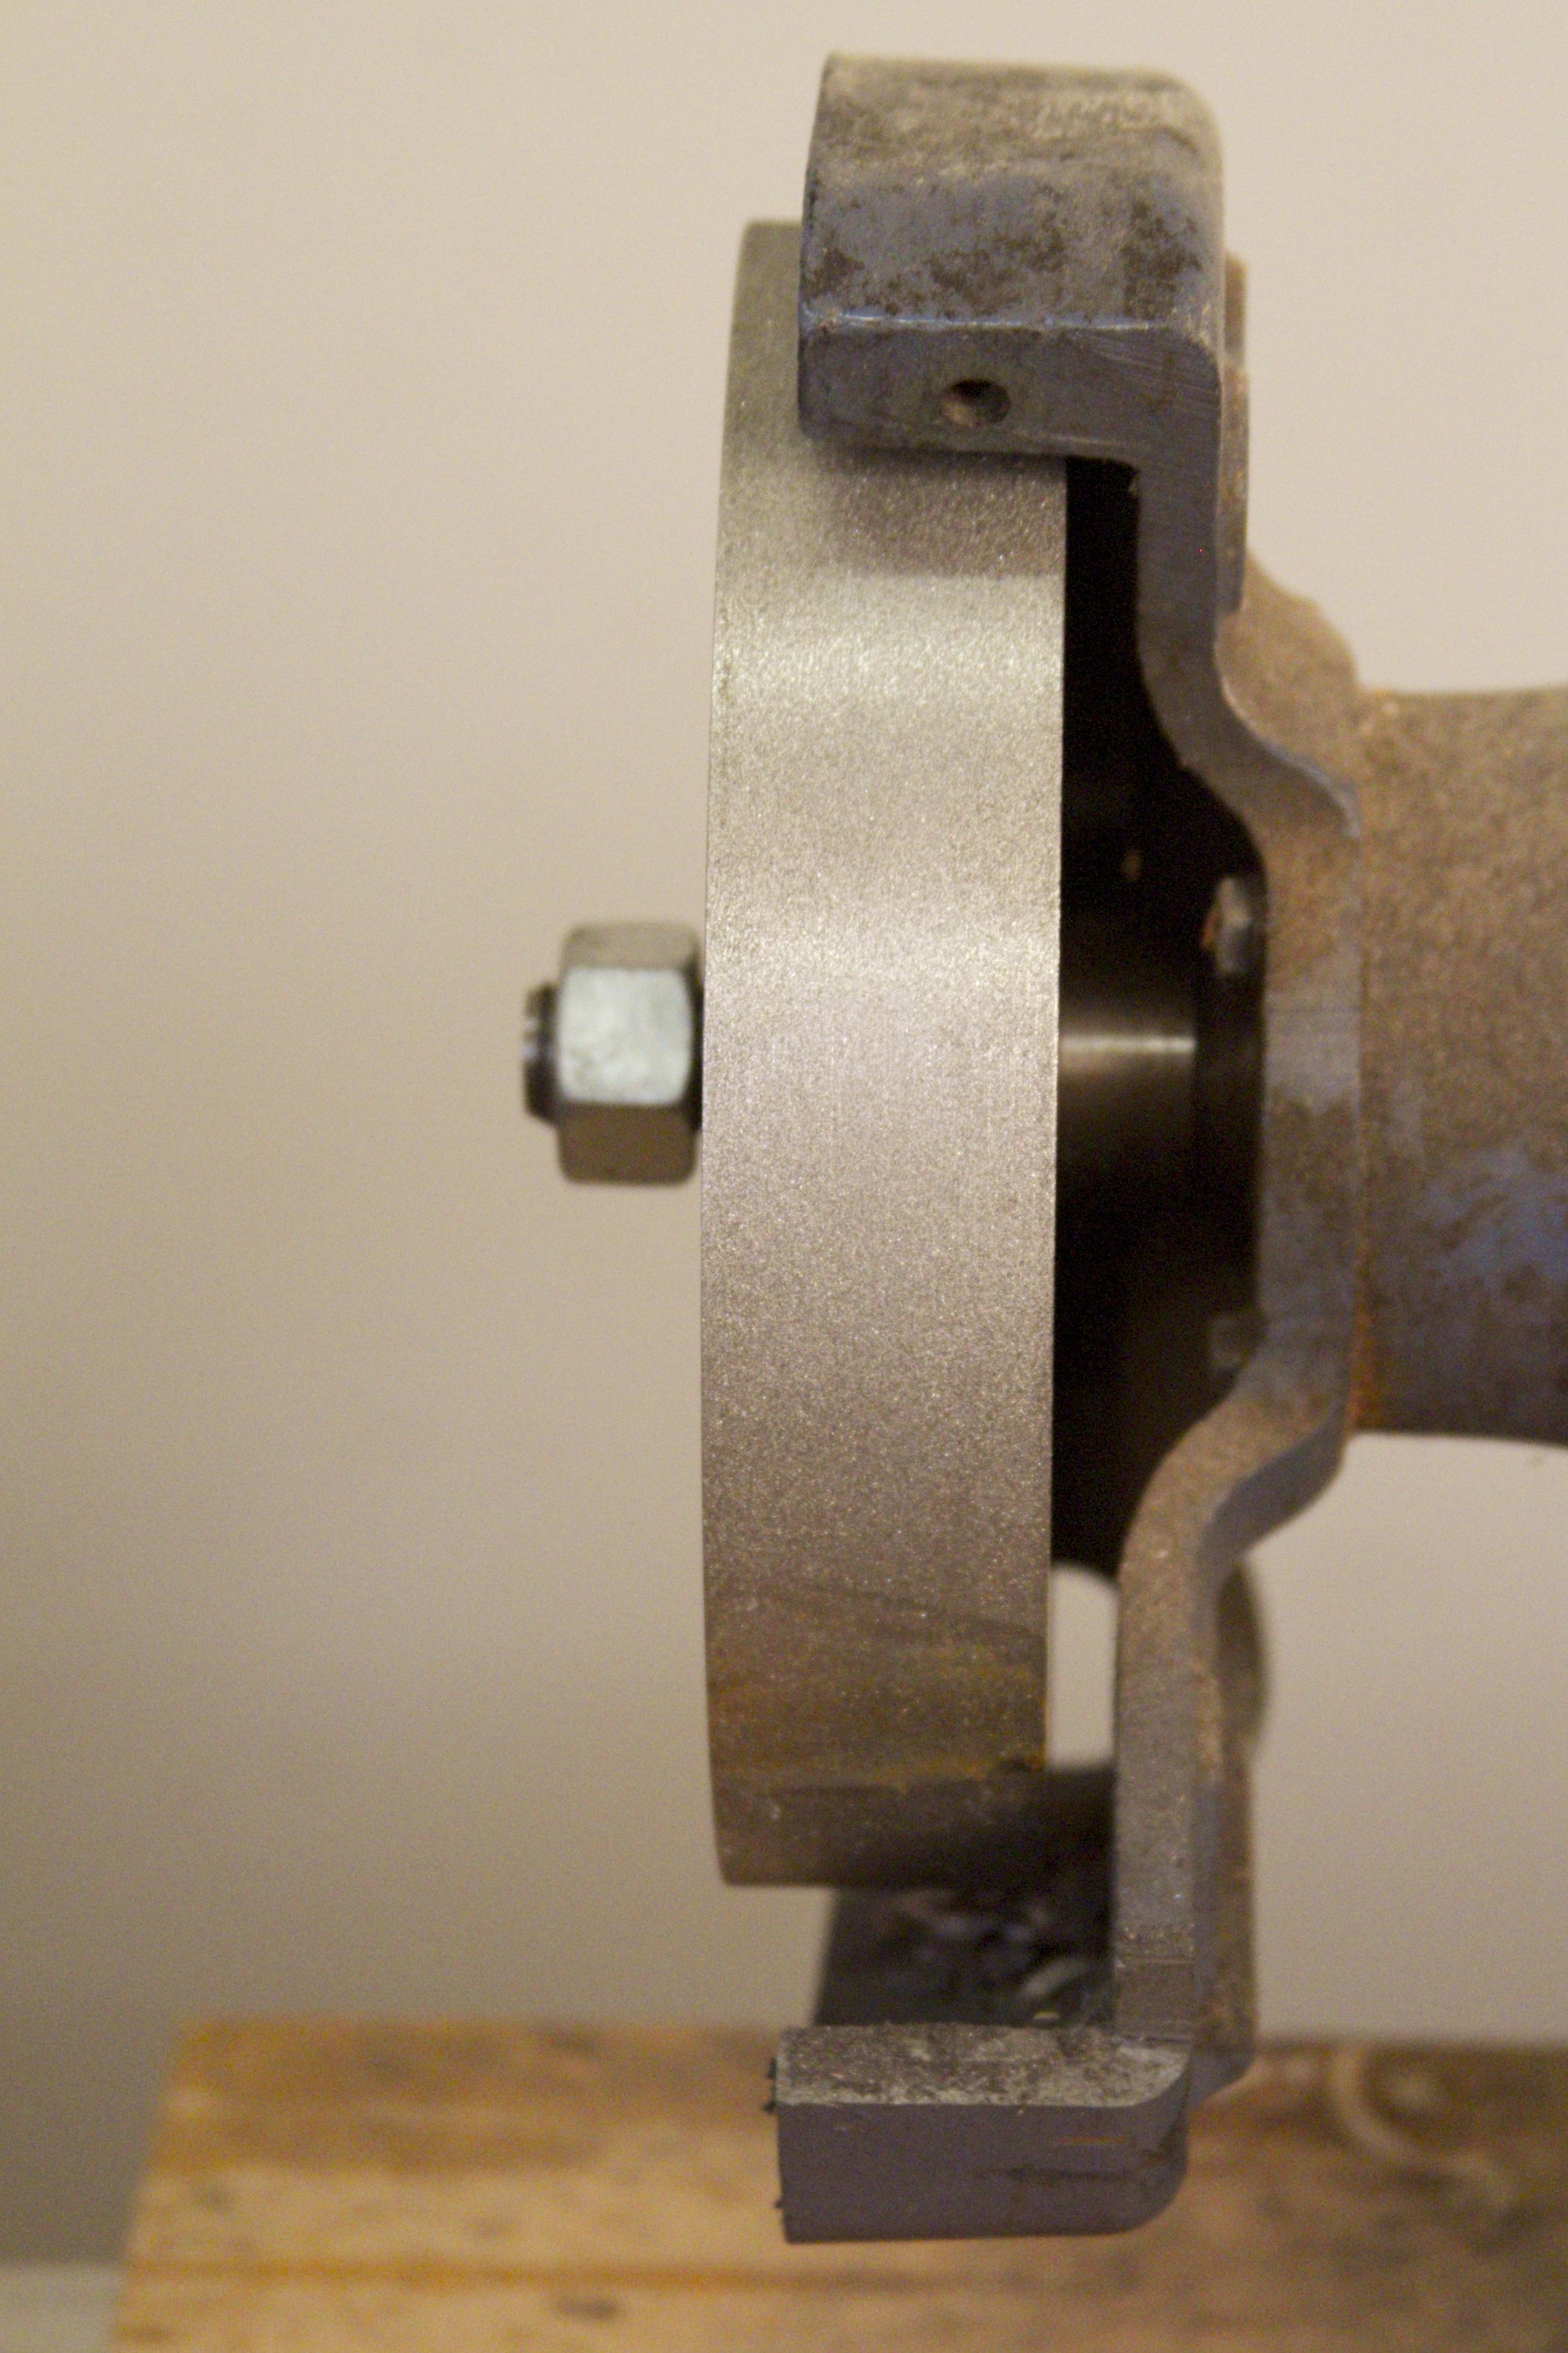 1 1/2 inch wide wheel on Baldor grinder with inside spacer